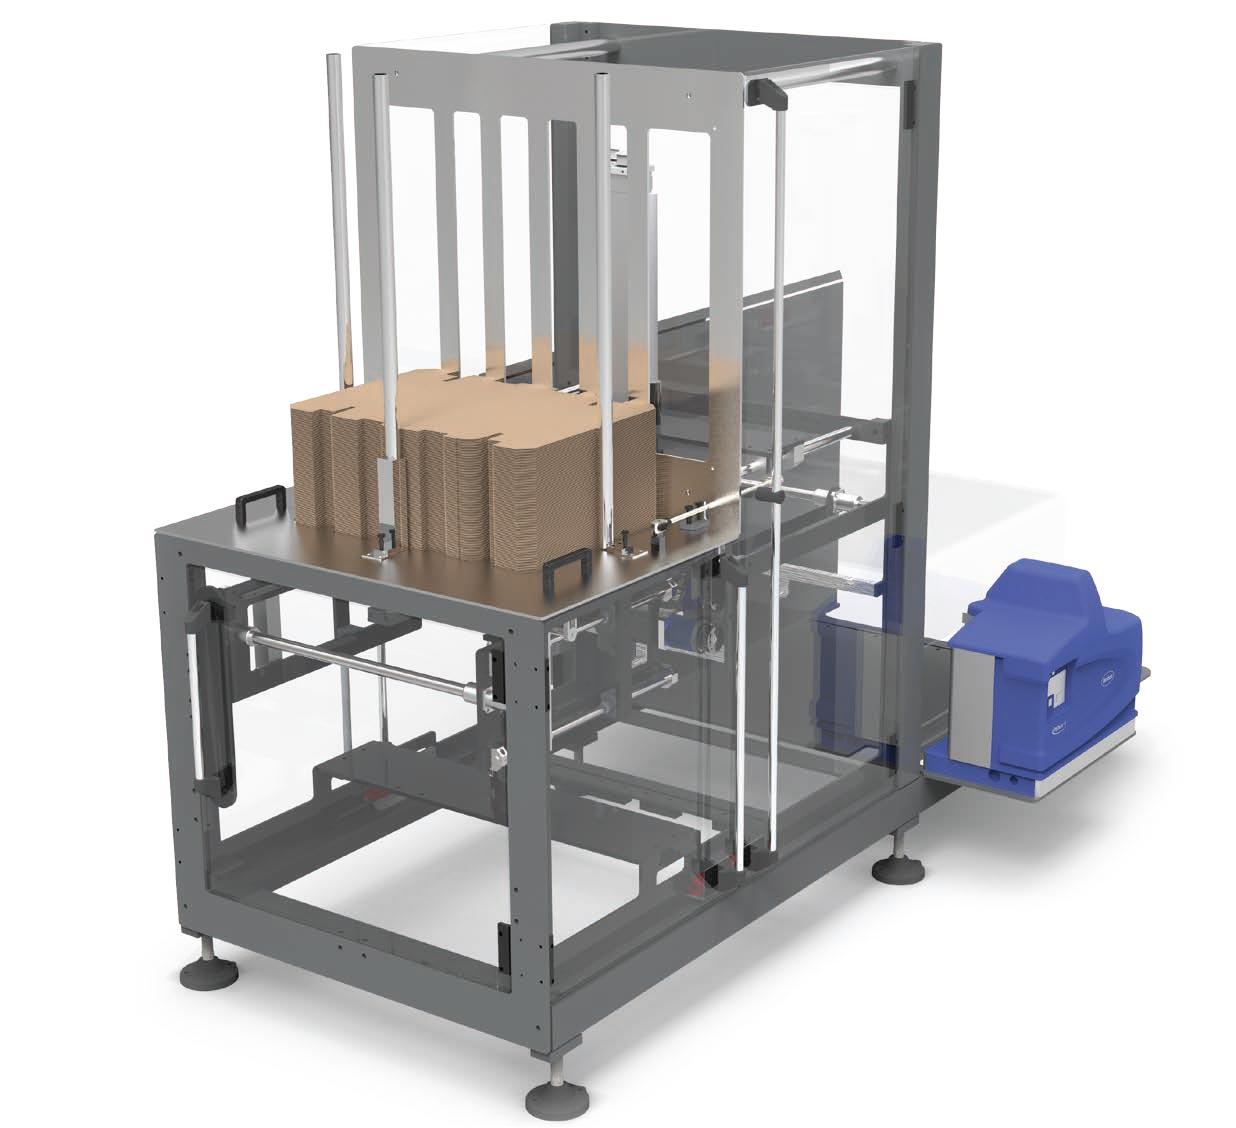 Case Erectors and Sealers | CF500 model